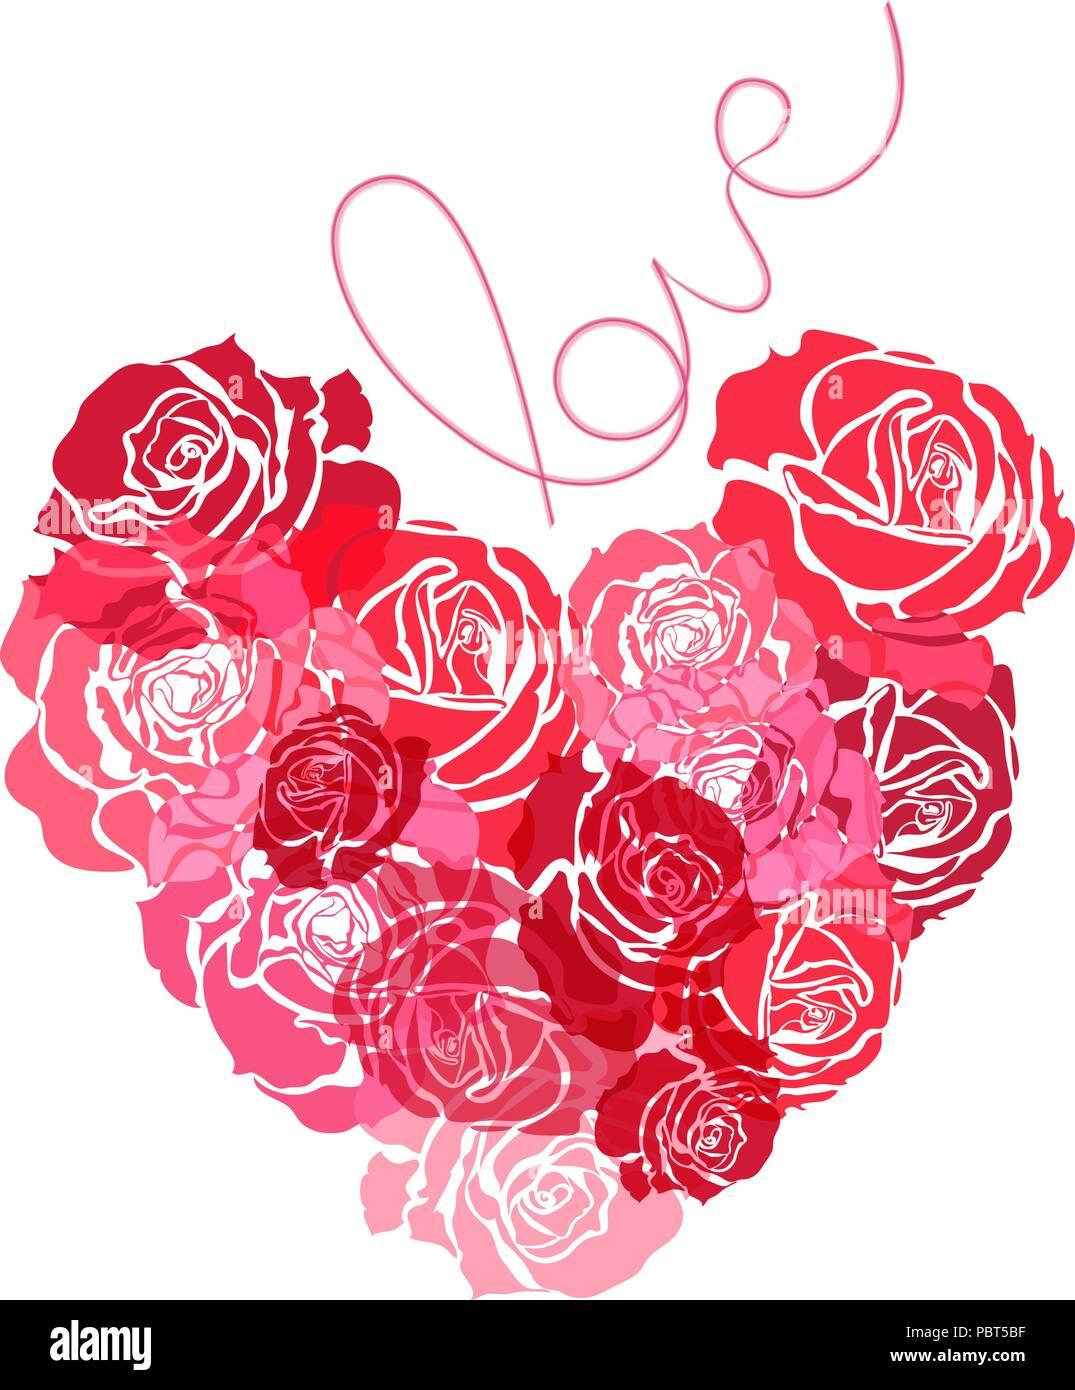 Bouquet de roses en forme de coeur roses rouges sur fond blanc composition florale st - Bouquet de roses en forme de coeur ...